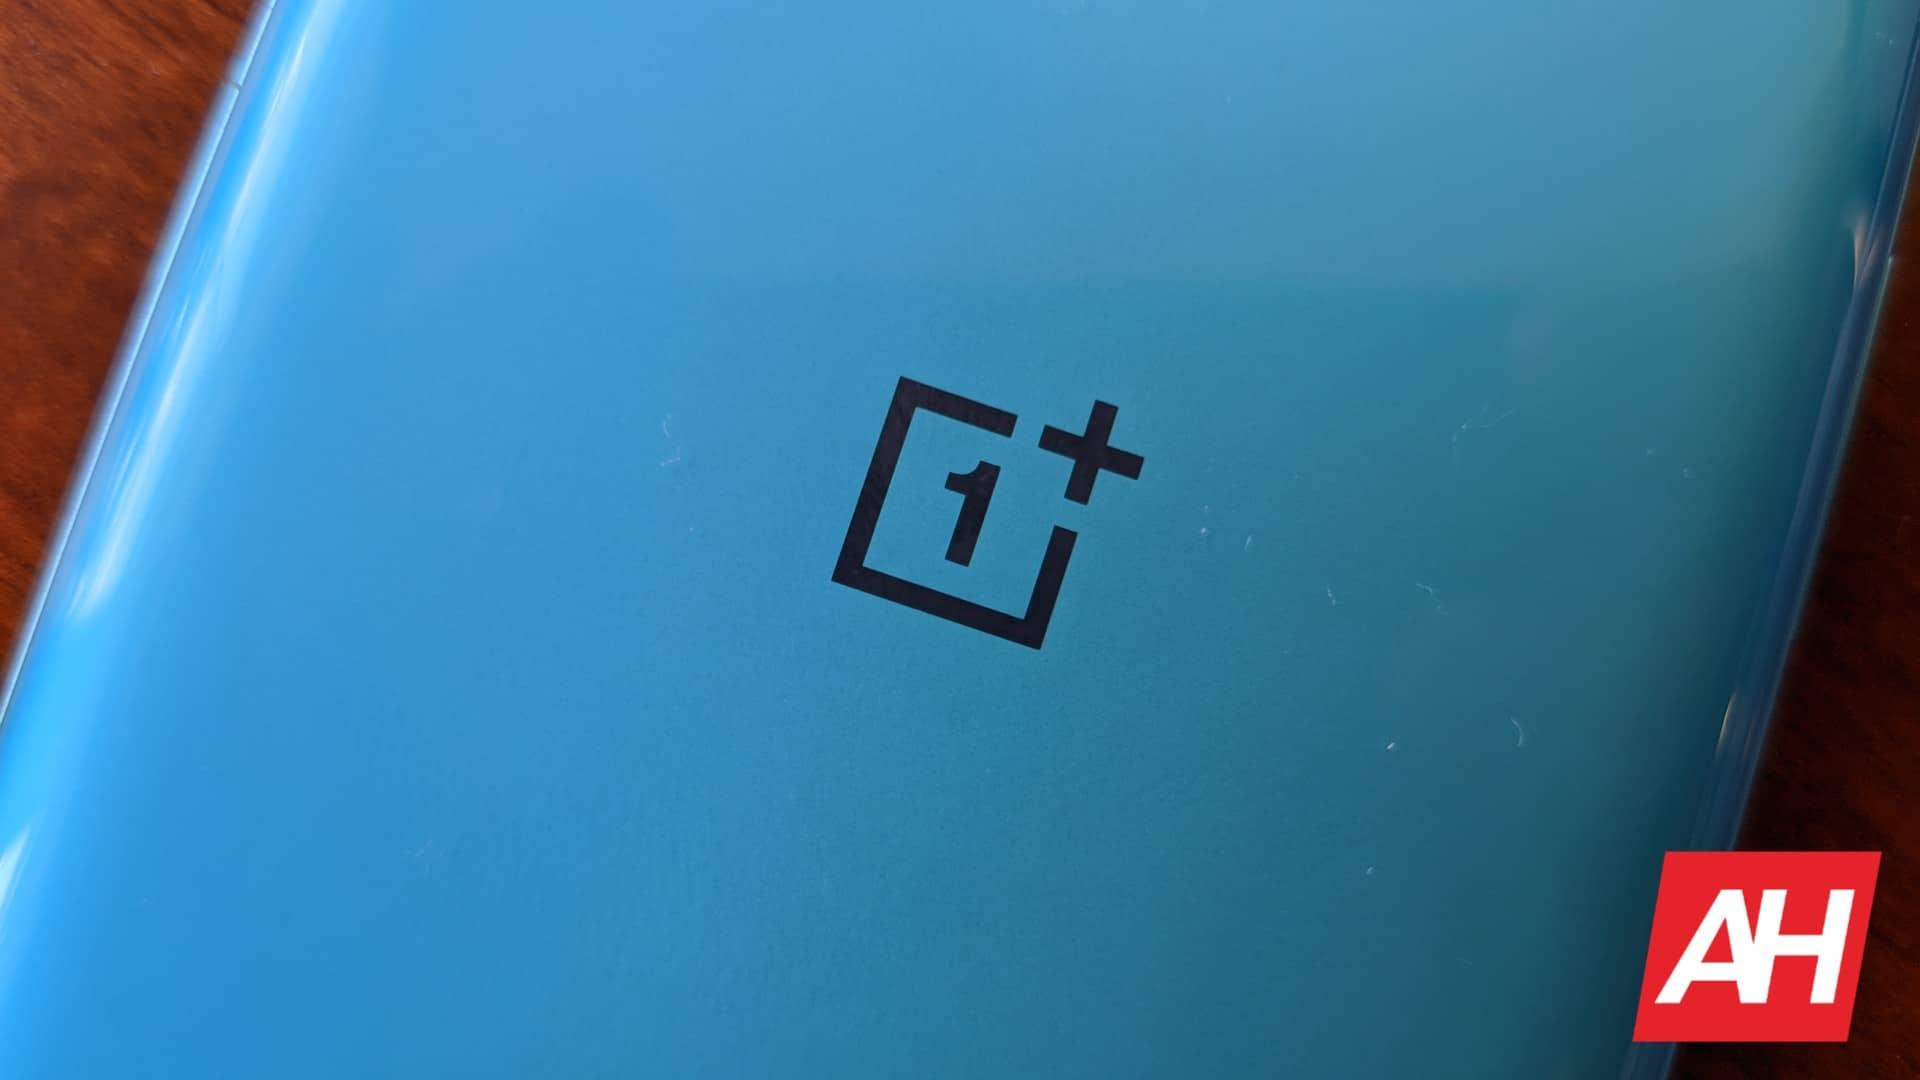 AH OnePlus 8T logo 10